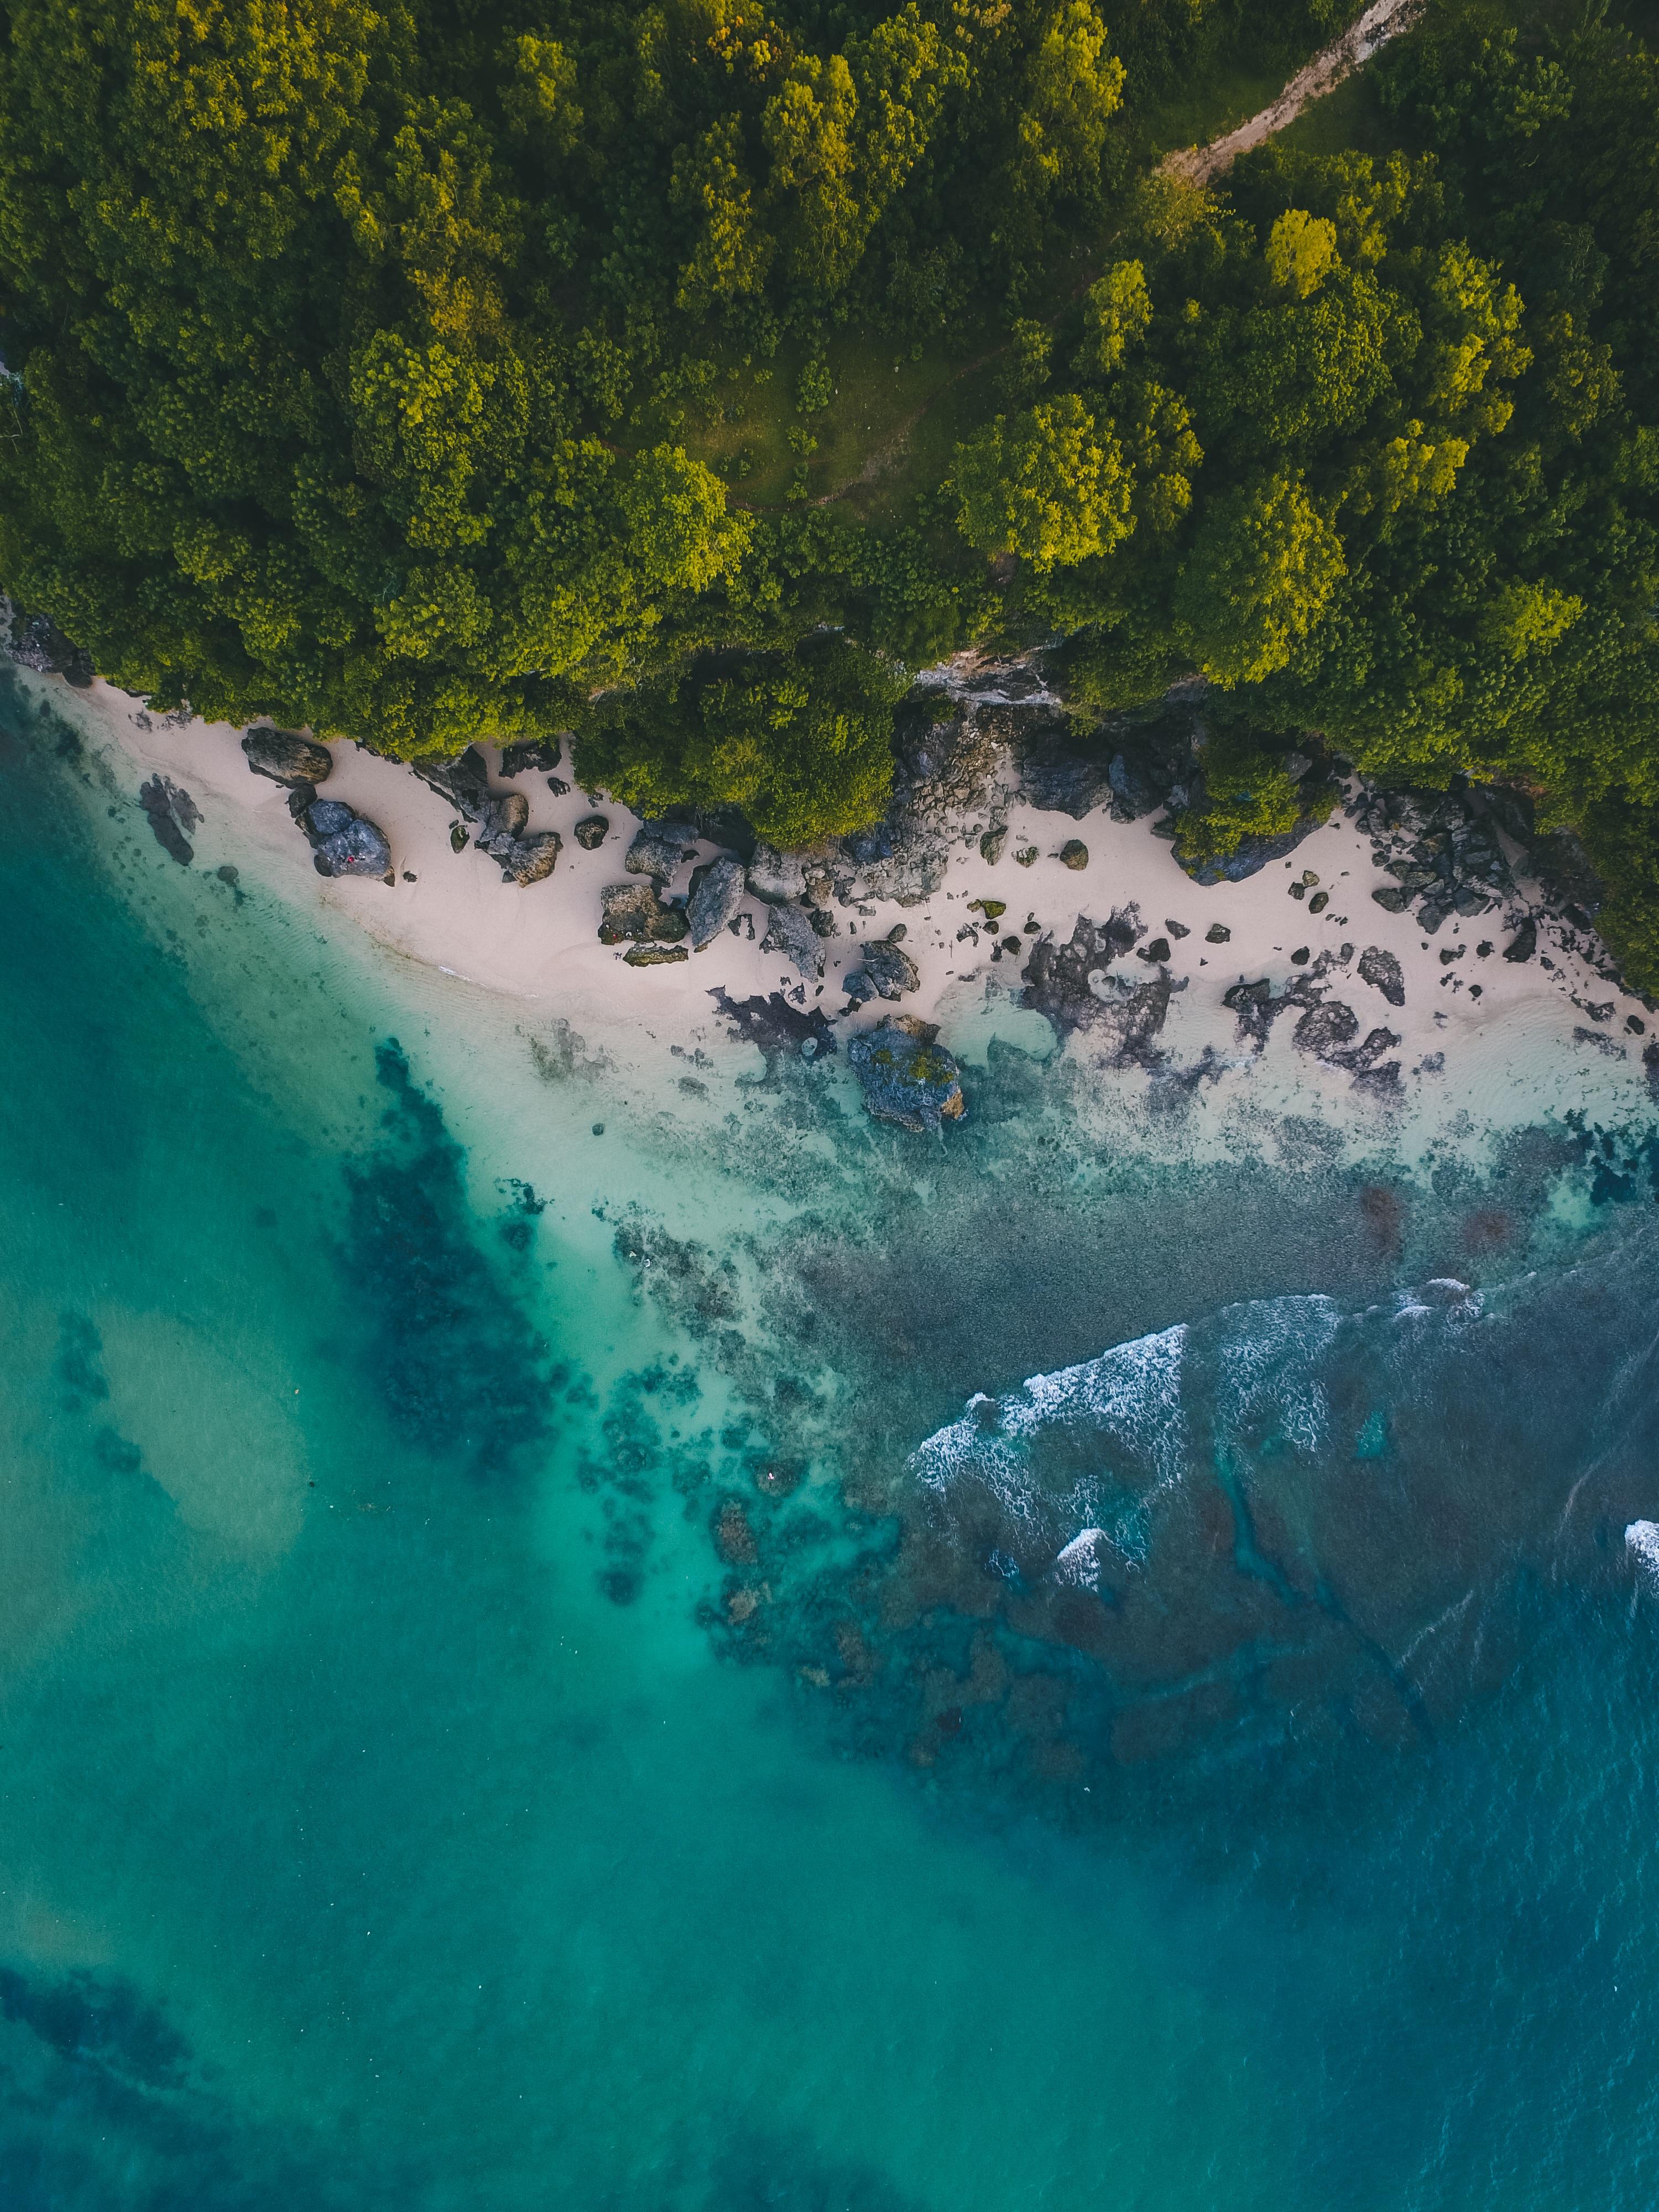 139347 Заставки и Обои Песок на телефон. Скачать Песок, Природа, Камни, Пляж, Океан, Тропики картинки бесплатно